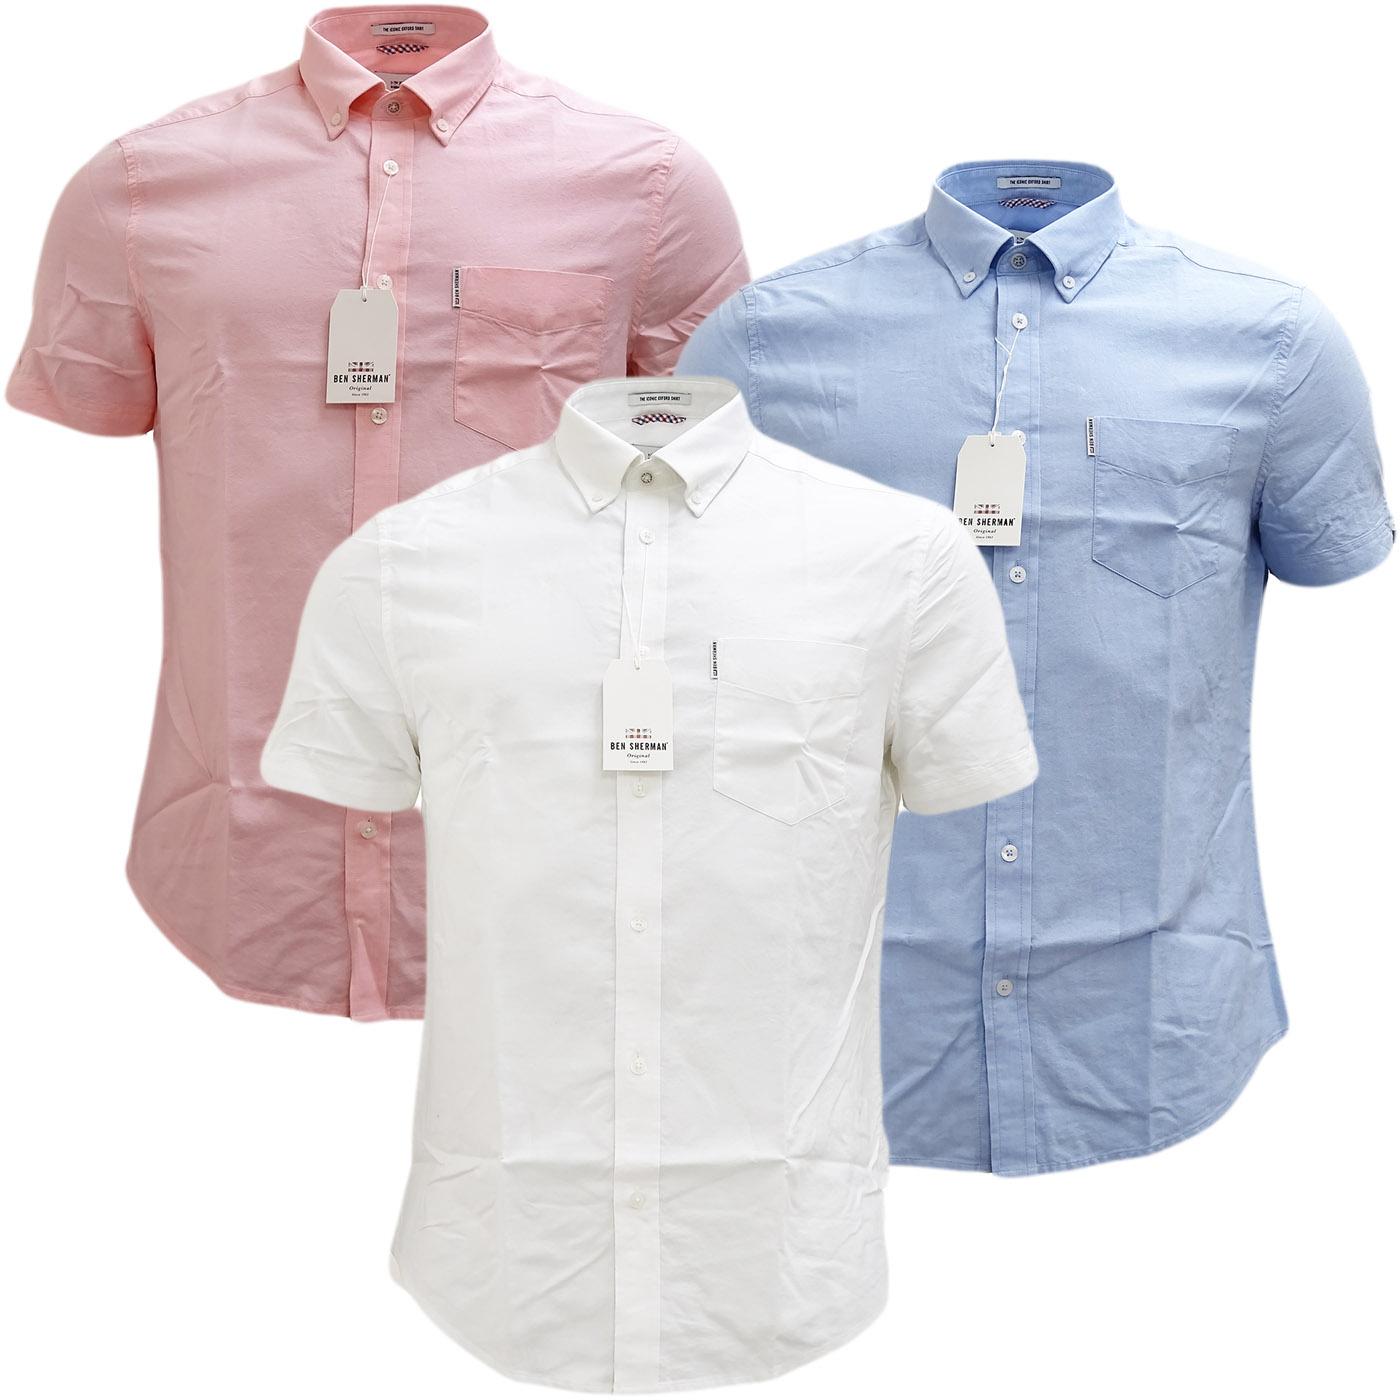 Ben Sherman Plain Button Down Oxford Shirt - Ma13606